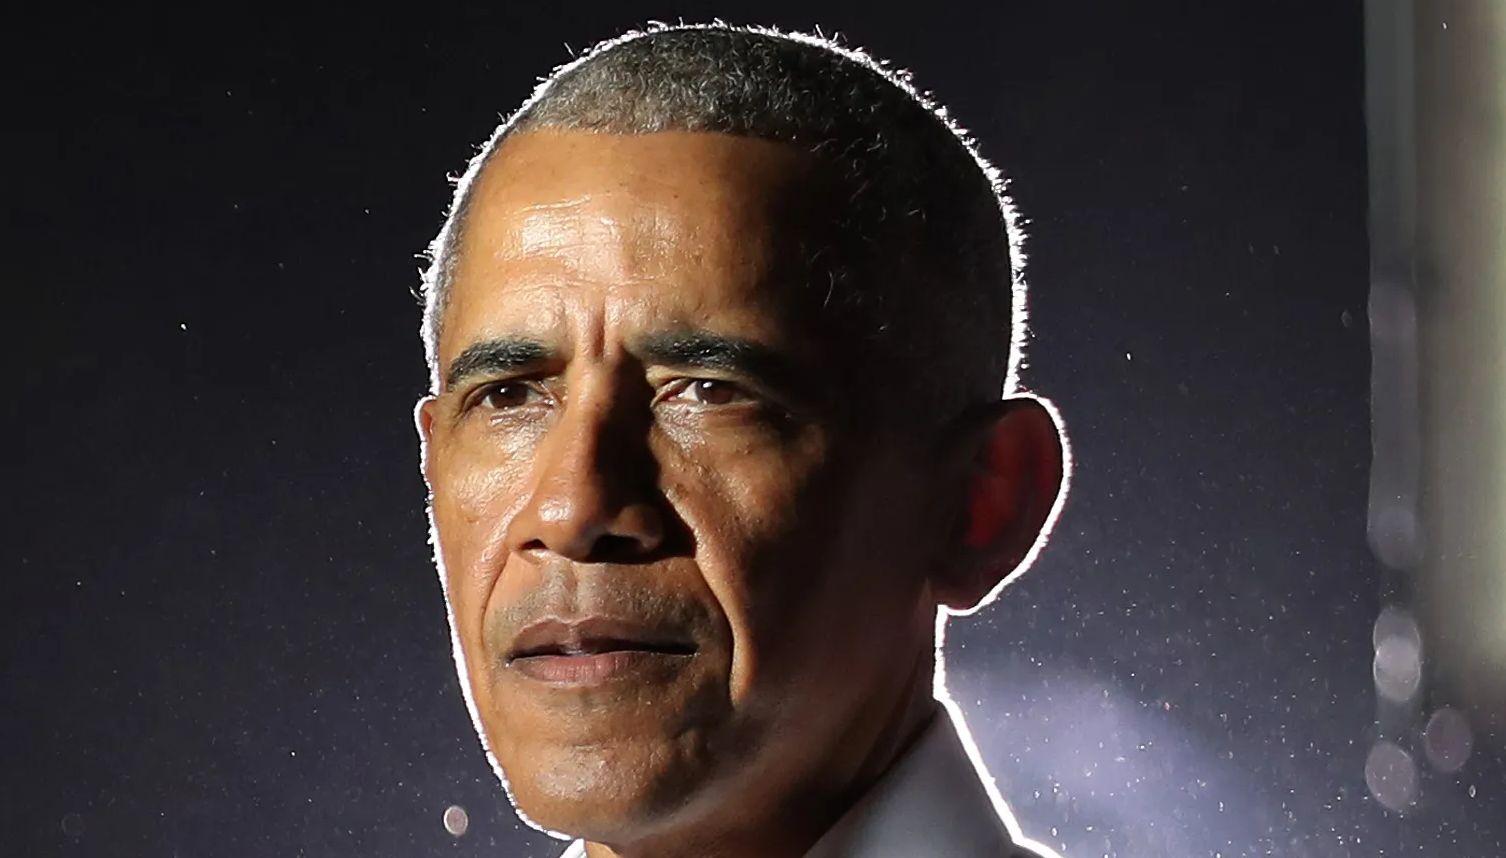 Former President Barack Obama delivers a speech.